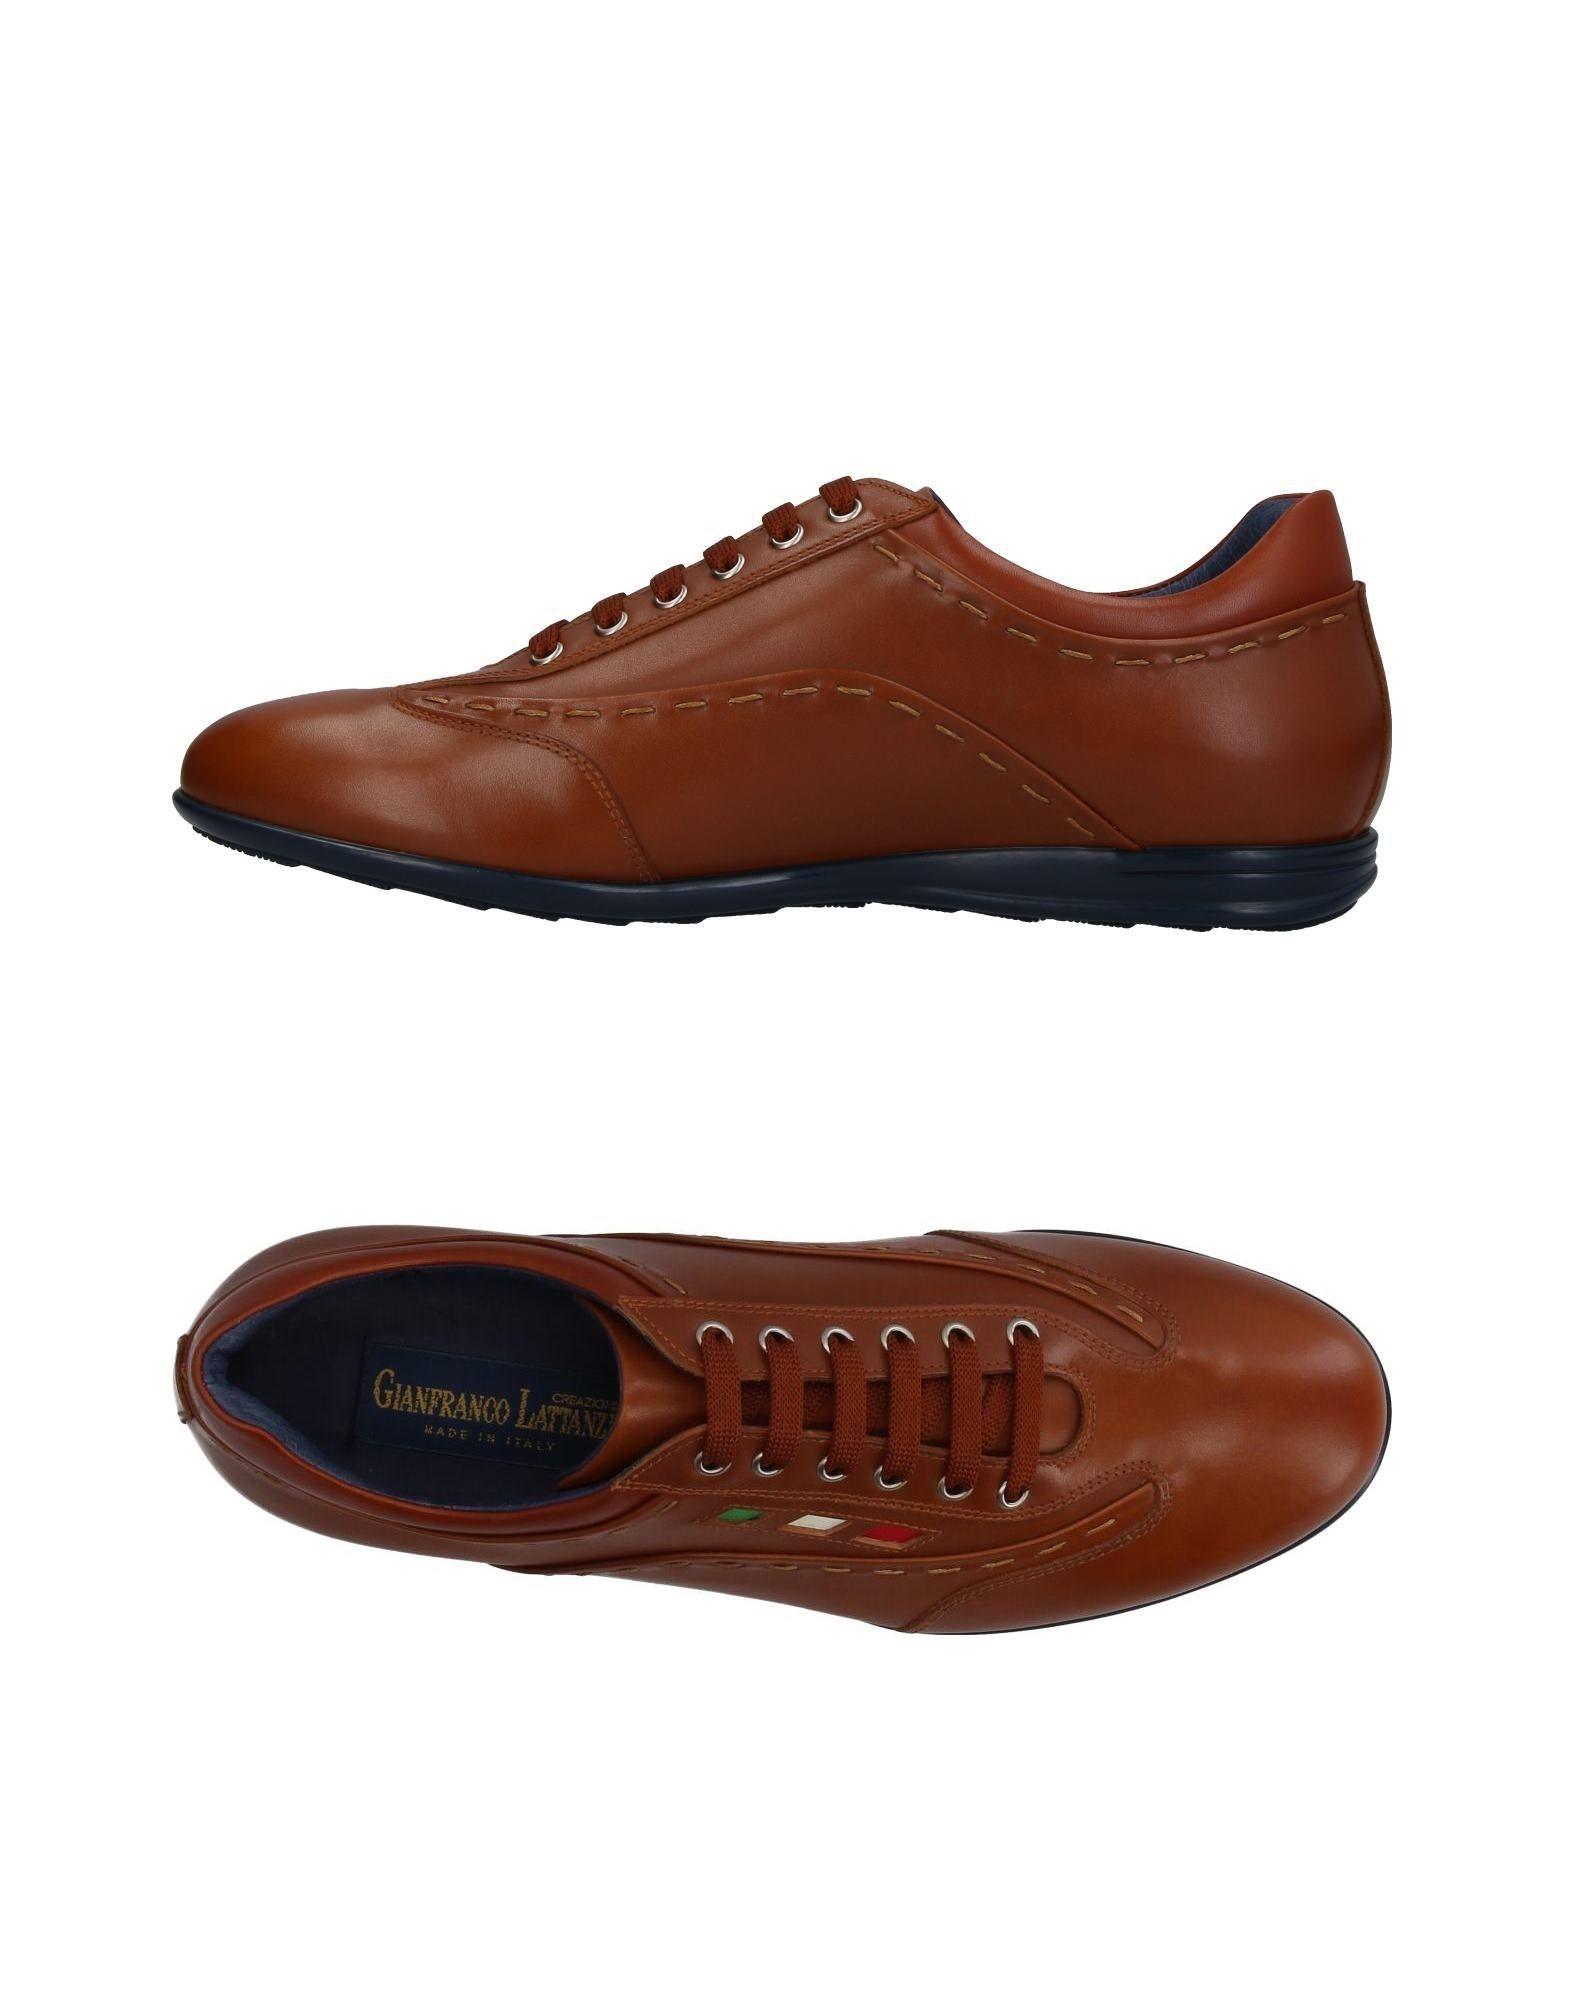 Rabatt echte Schuhe Gianfranco Lattanzi Sneakers Herren  11414193BG